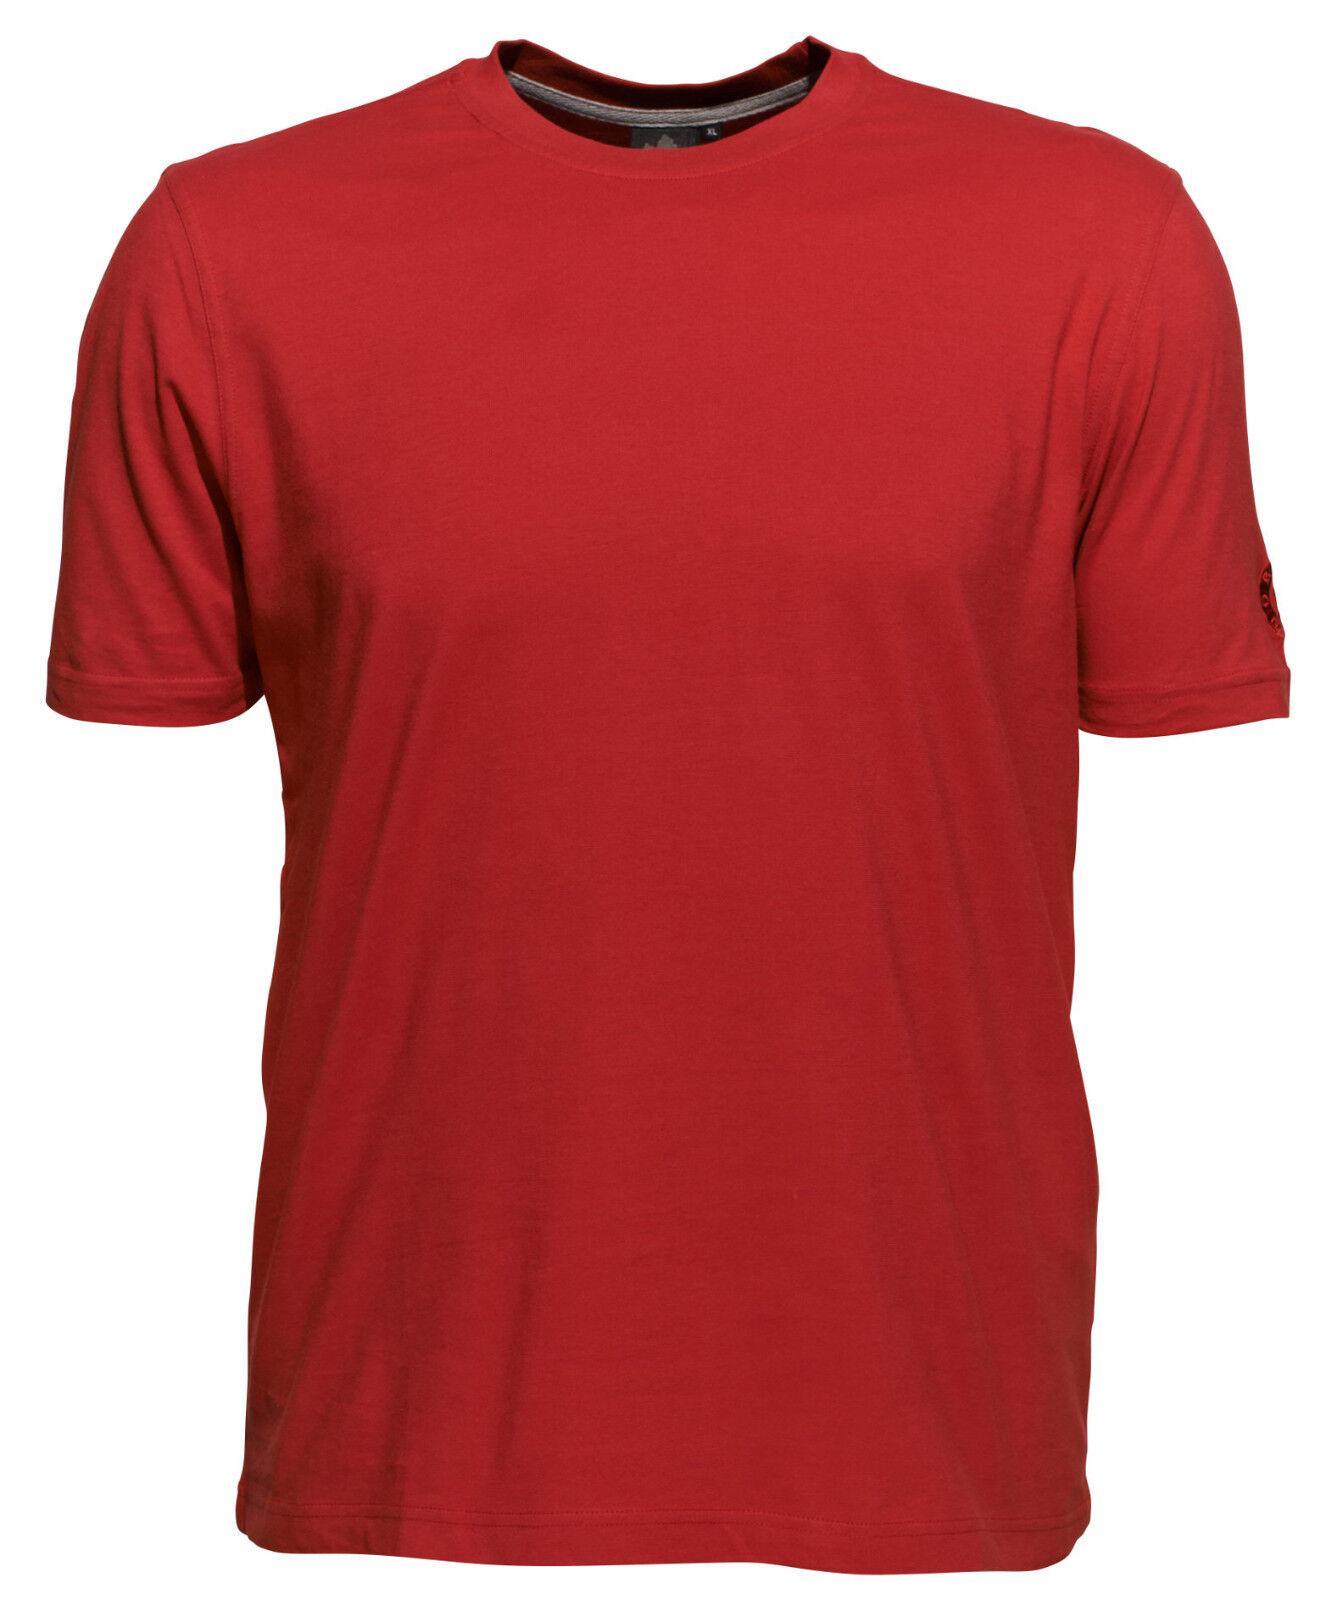 Übergröße Ahorn Druck T-Shirt schwarz 2XL 3XL 4XL 5XL 6XL 7XL 8XL 9XL 10XL NEU